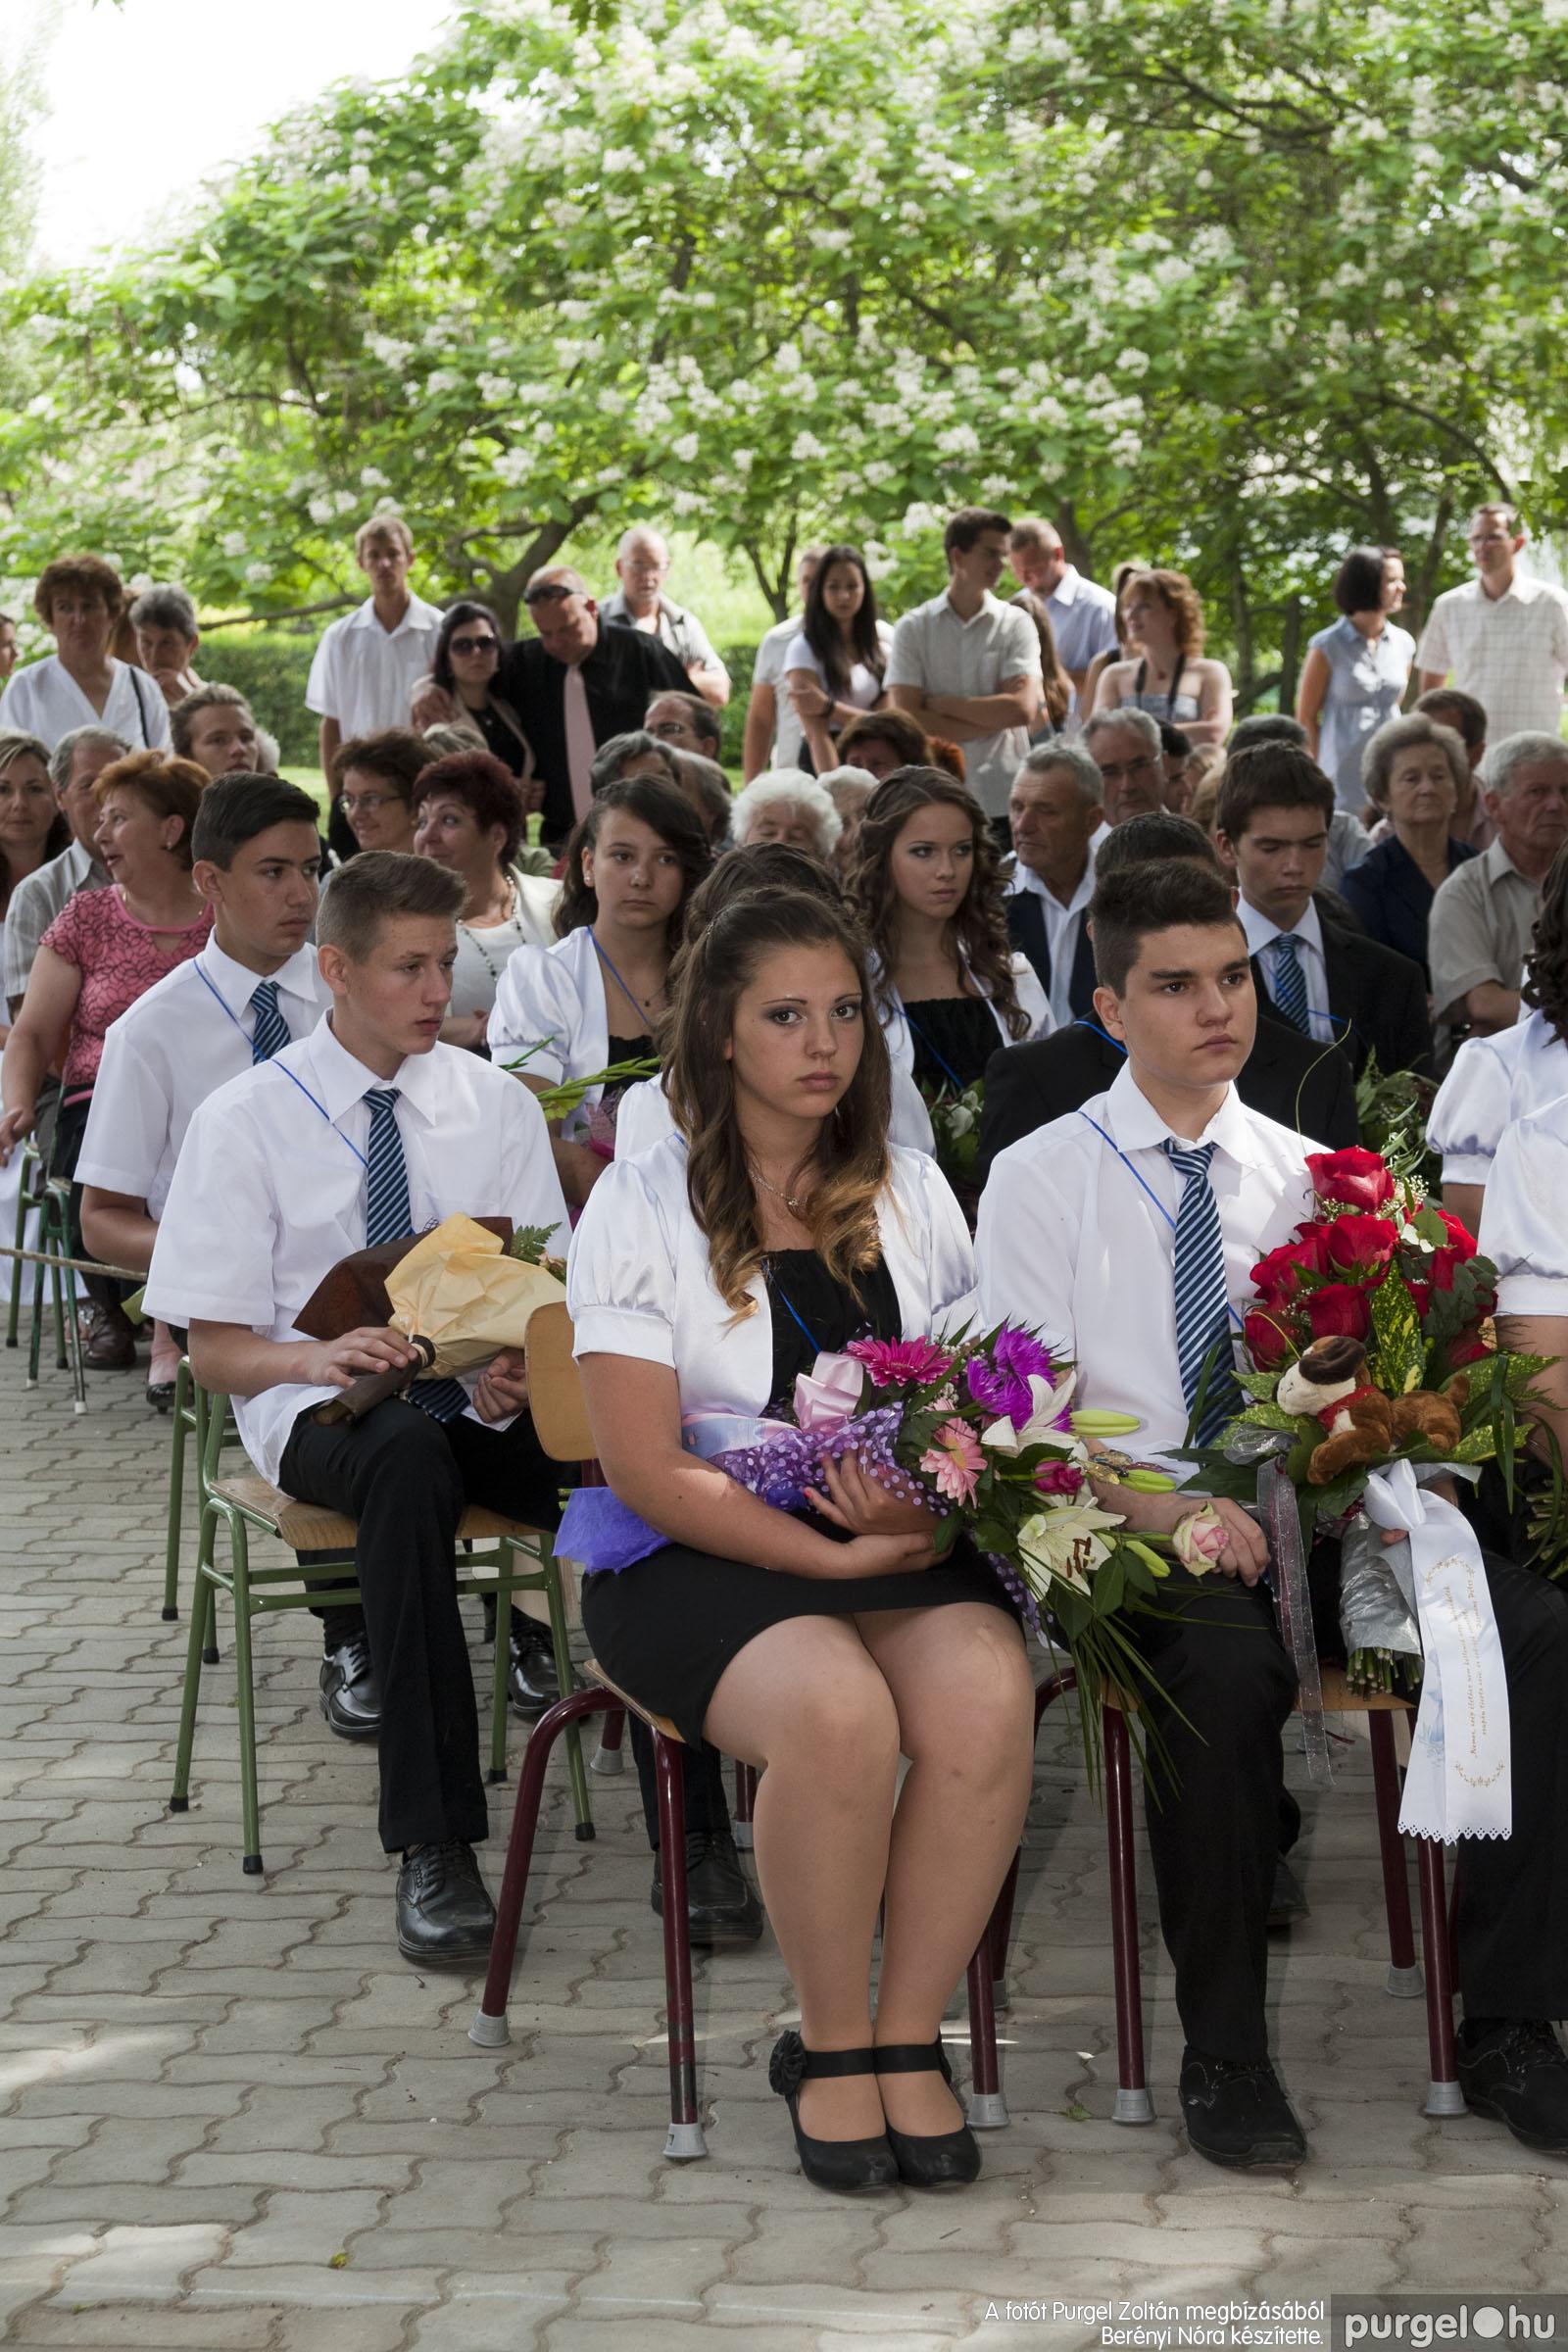 2014.06.14. 197 Forray Máté Általános Iskola ballagás 2014. - Fotó:BERÉNYI NÓRA© _MG_5838.jpg